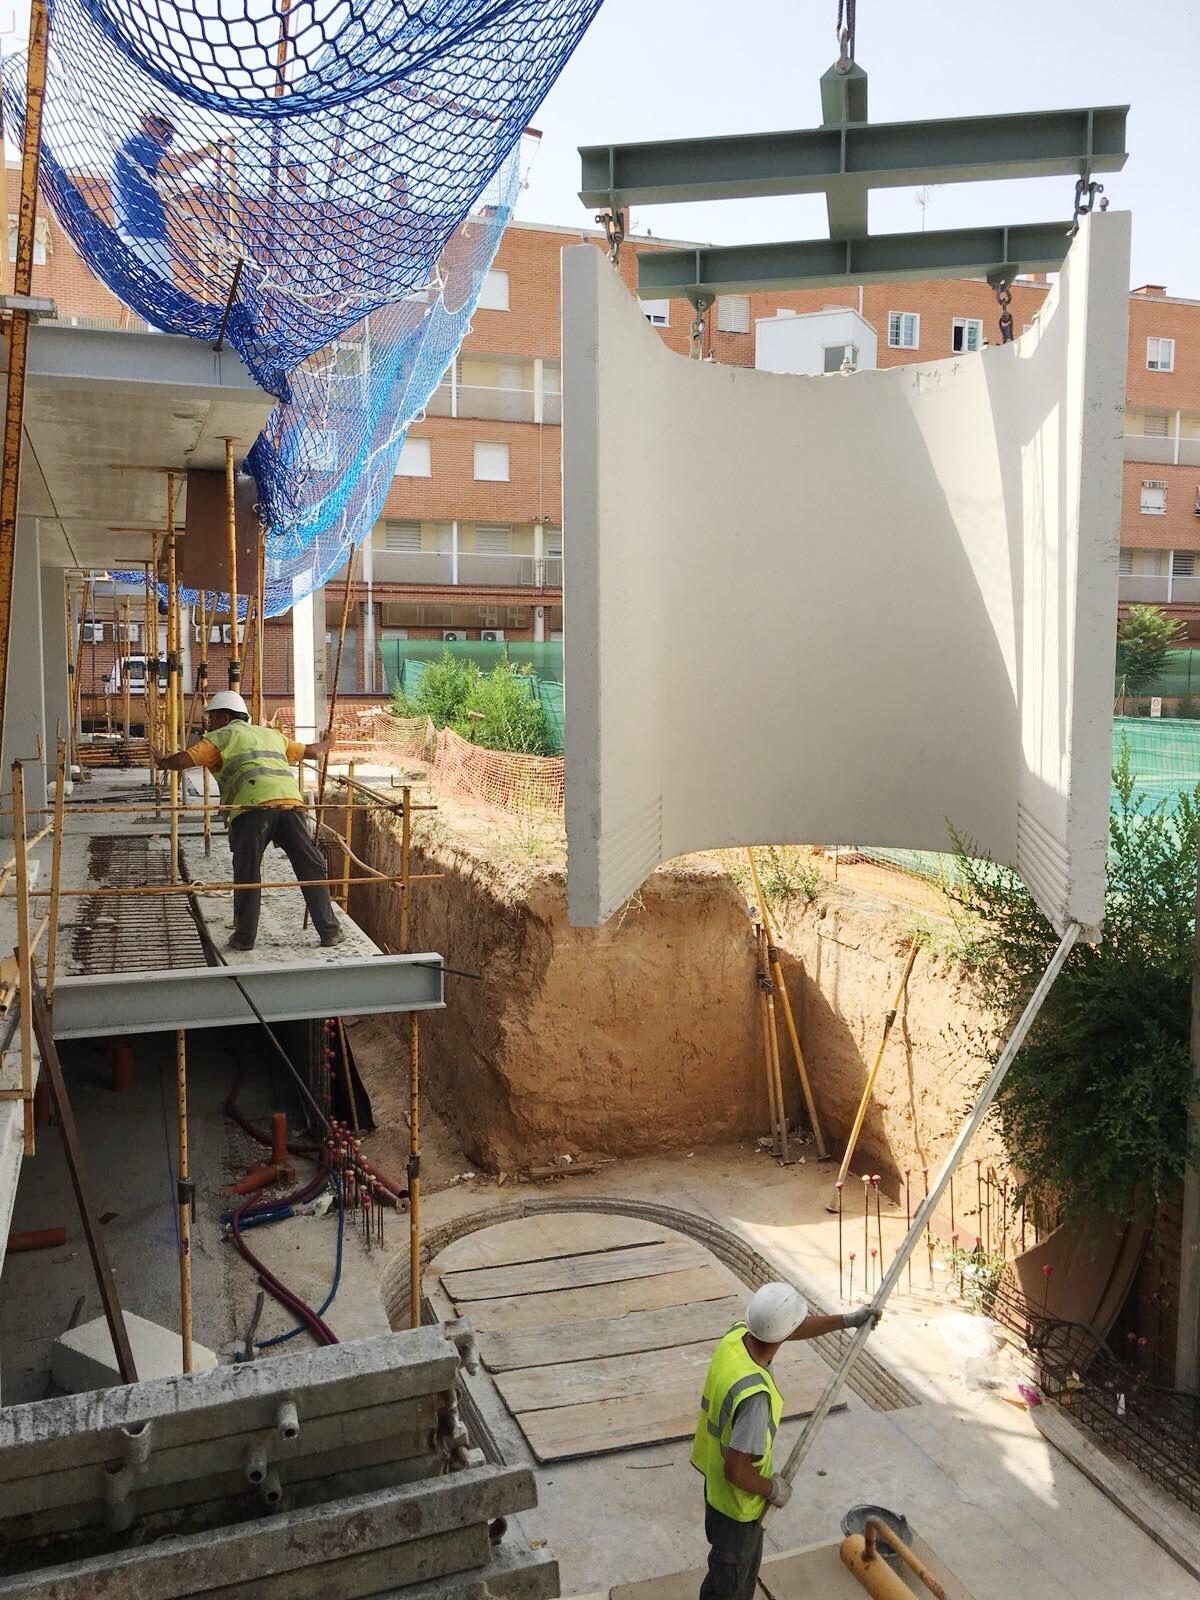 romero_vallejo_vitapolis_en_construcción_8